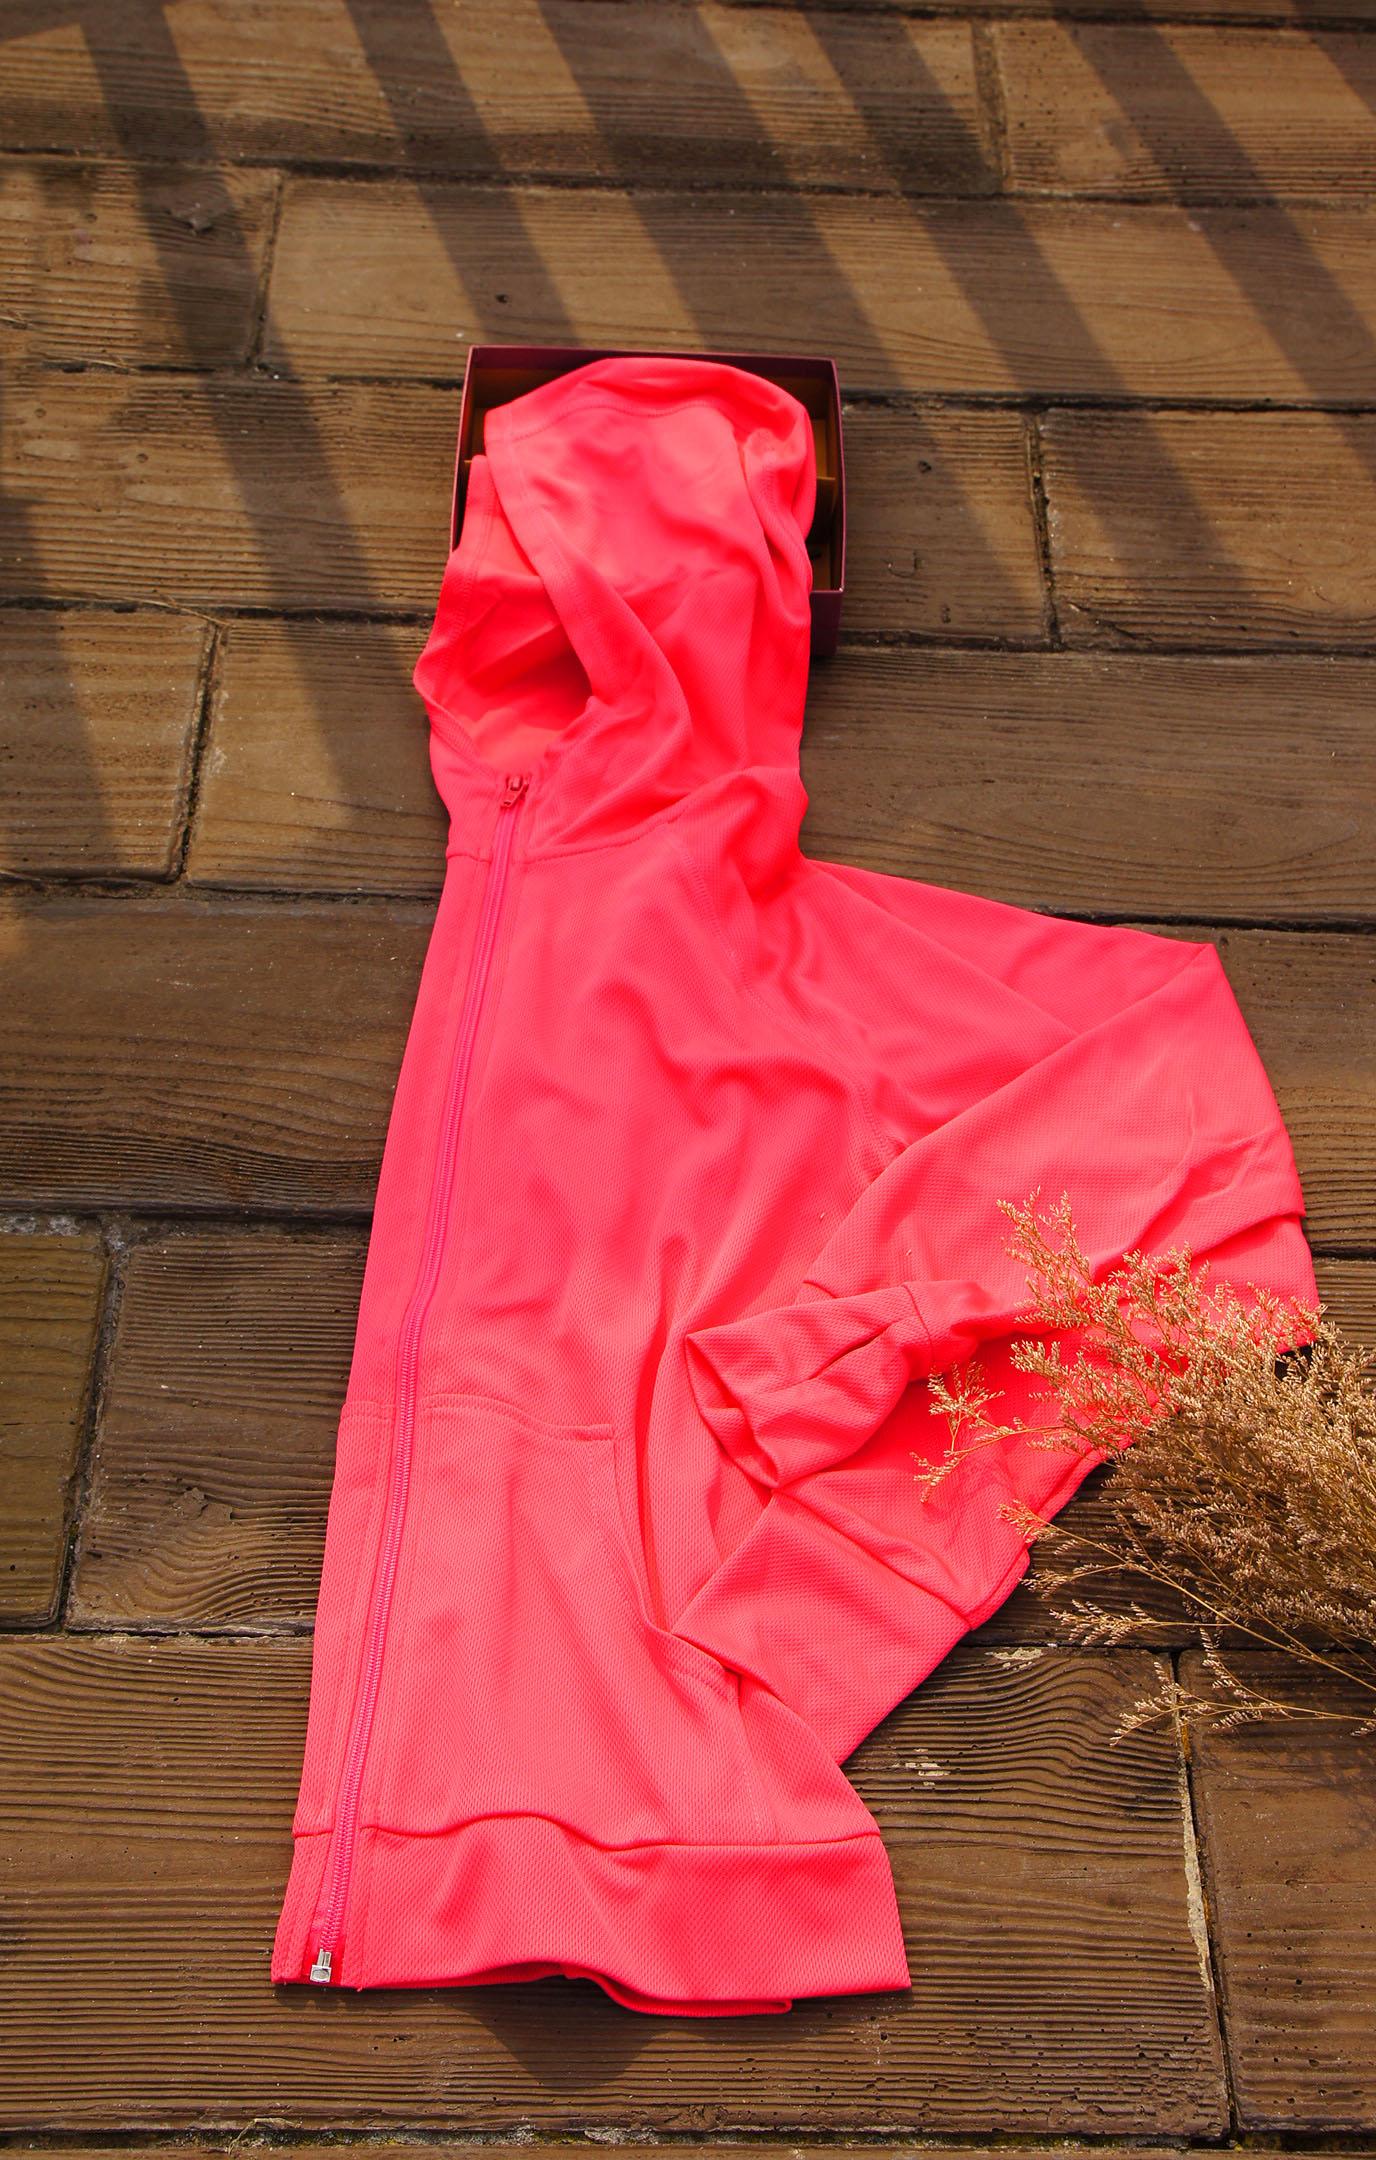 女外套*女外套【防曬抗UV外套*騎機車的防護衣*便宜,輕便,時髦流行*大尺寸的款式連一般身材男性也可當薄外套穿】 2